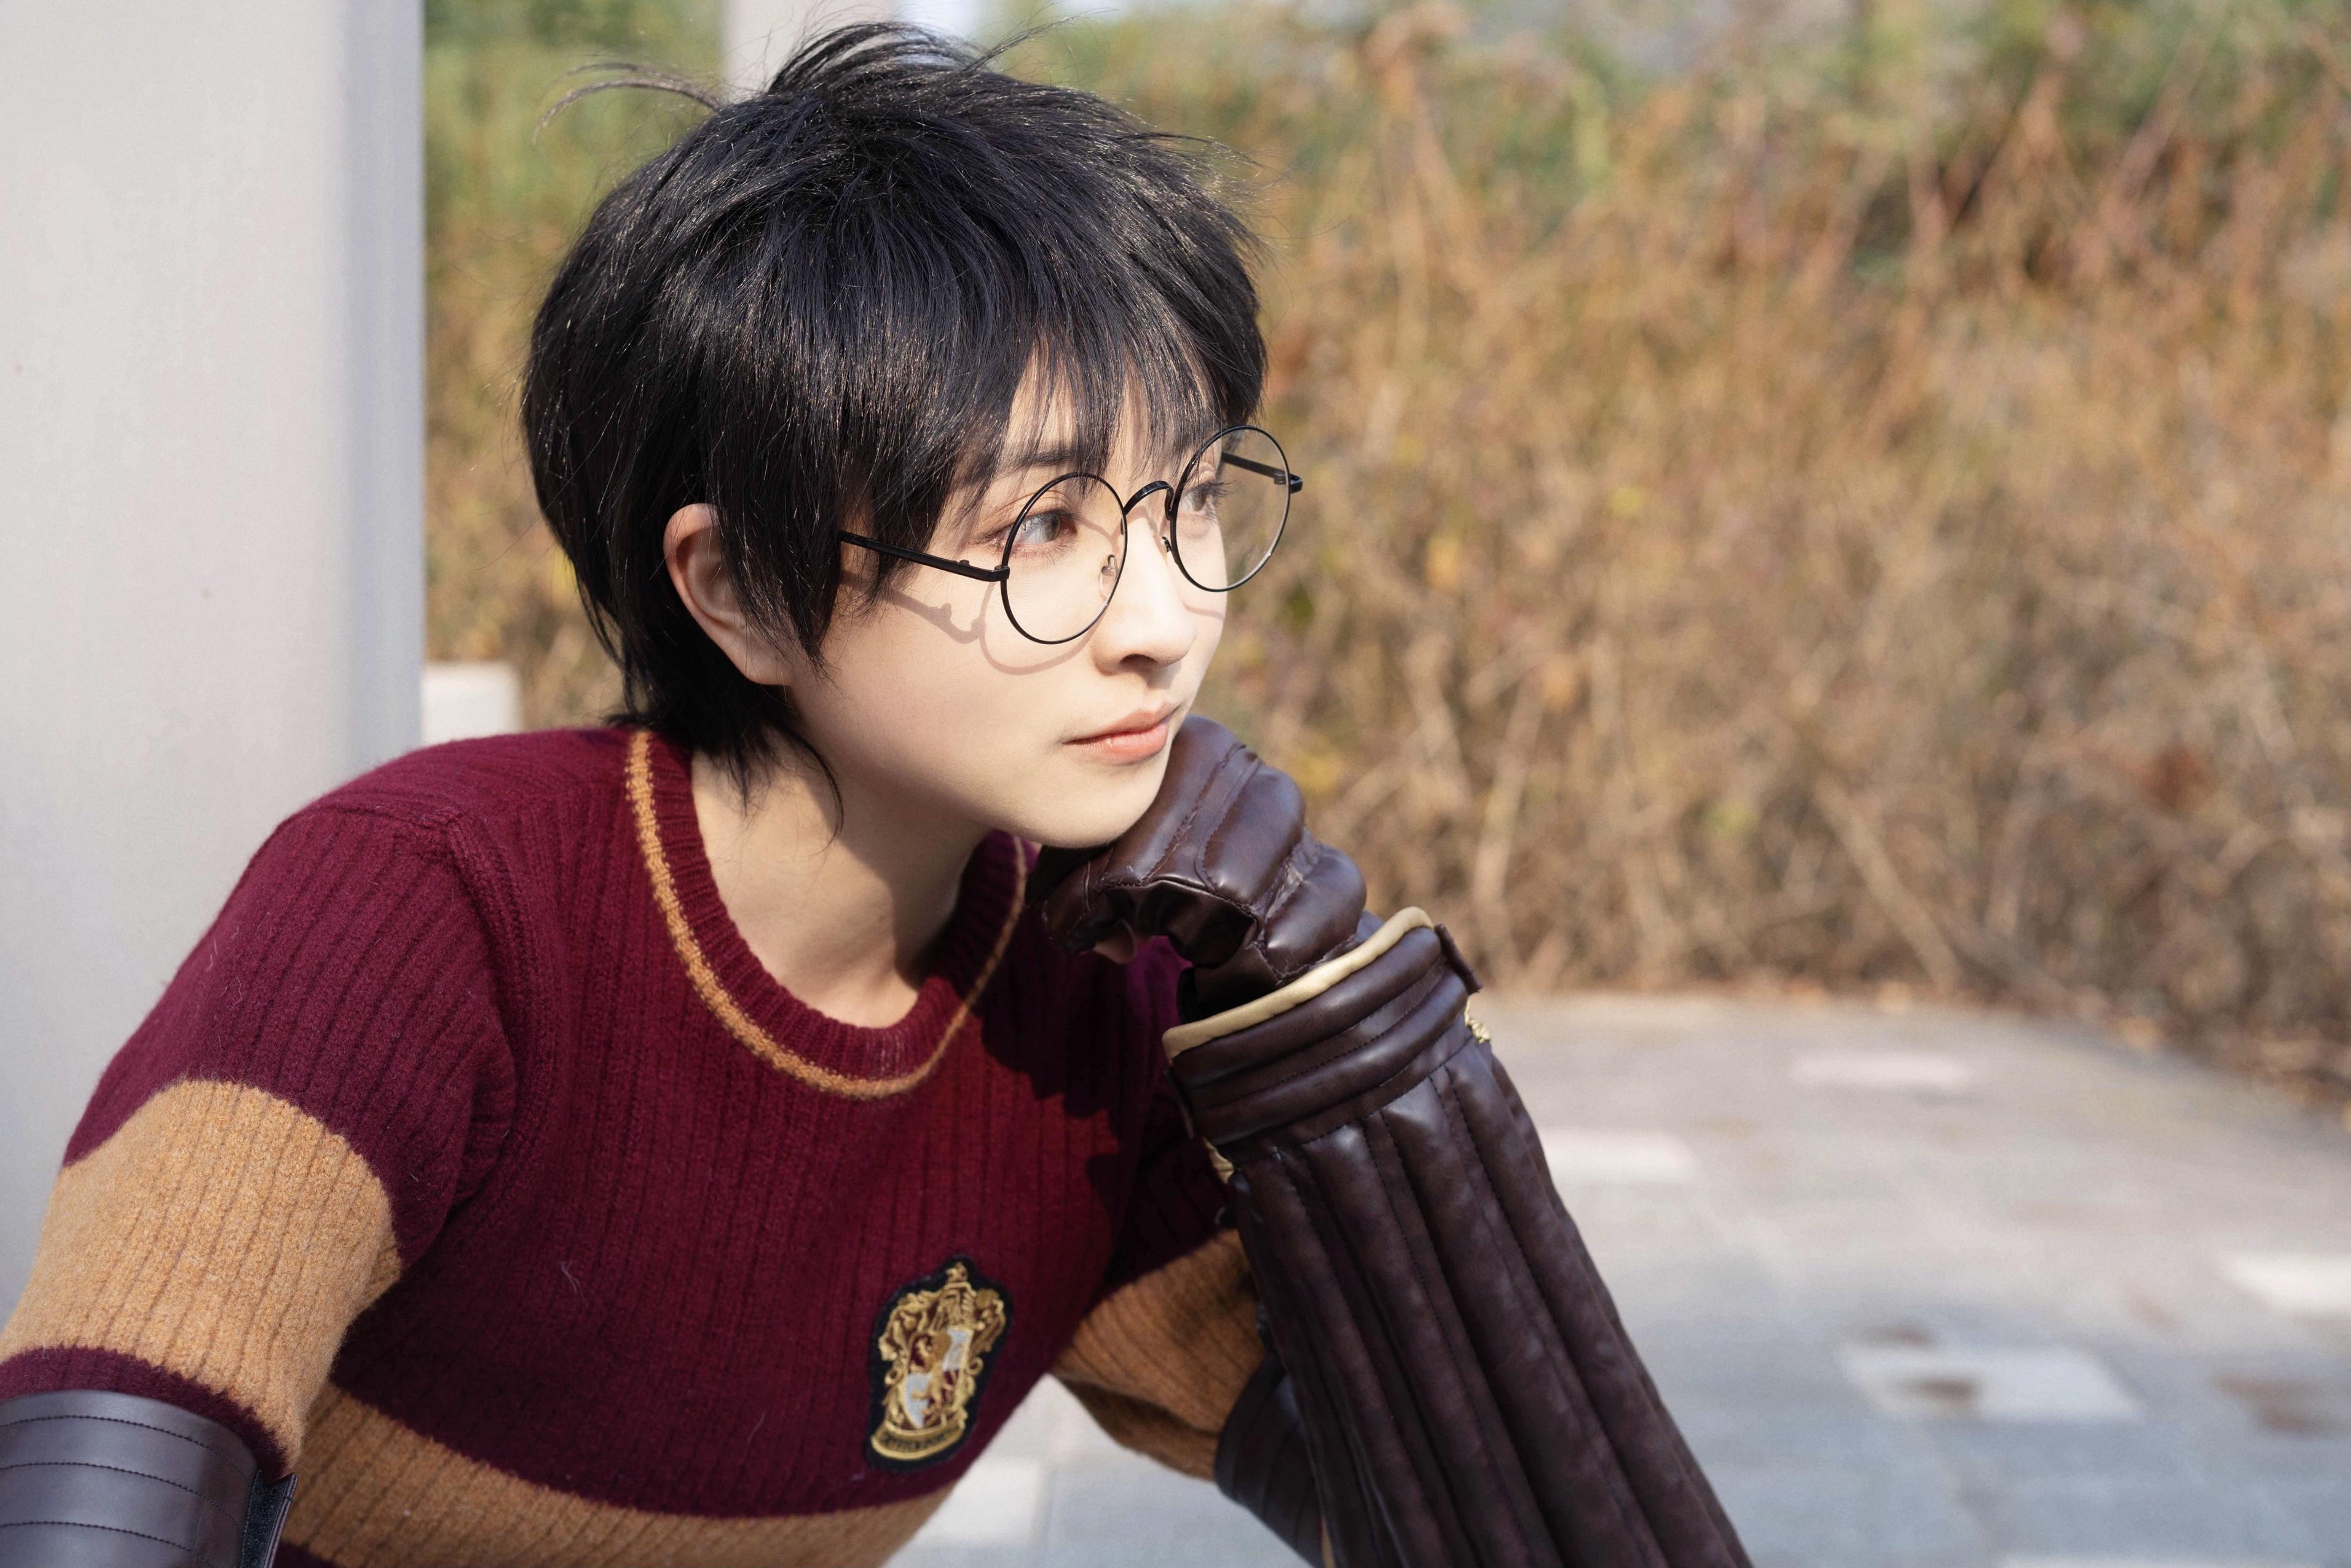 《哈利·波特》正片cosplay【CN:边境牧羊猫】-第1张